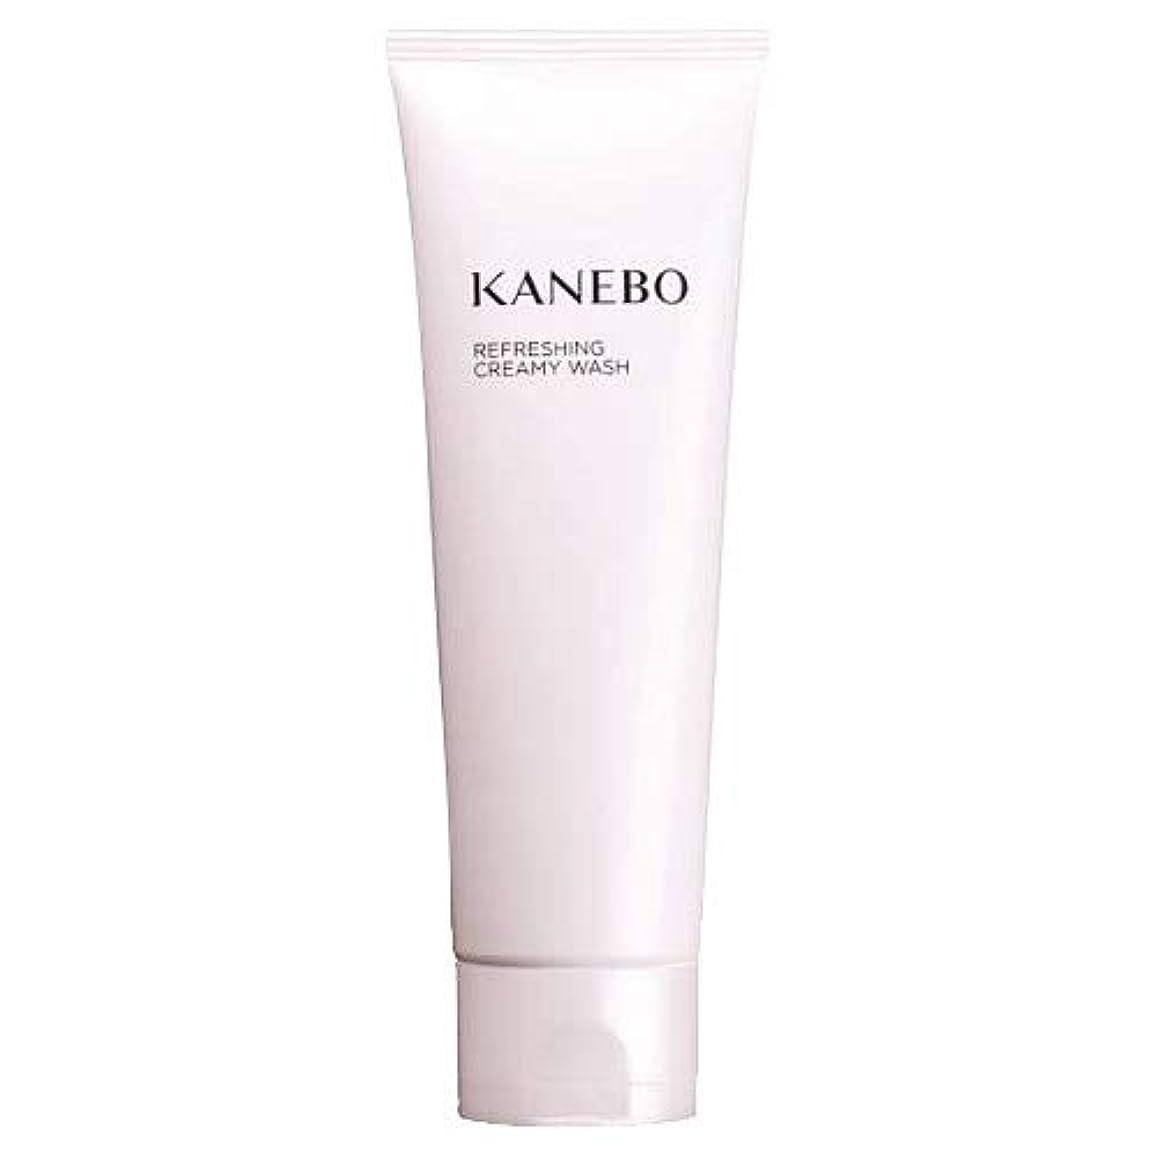 関係するクリーム道を作るカネボウ KANEBO 洗顔フォーム リフレッシングクリーミィウォッシュ 120ml :宅急便対応 送料無料 再入荷10 [並行輸入品]